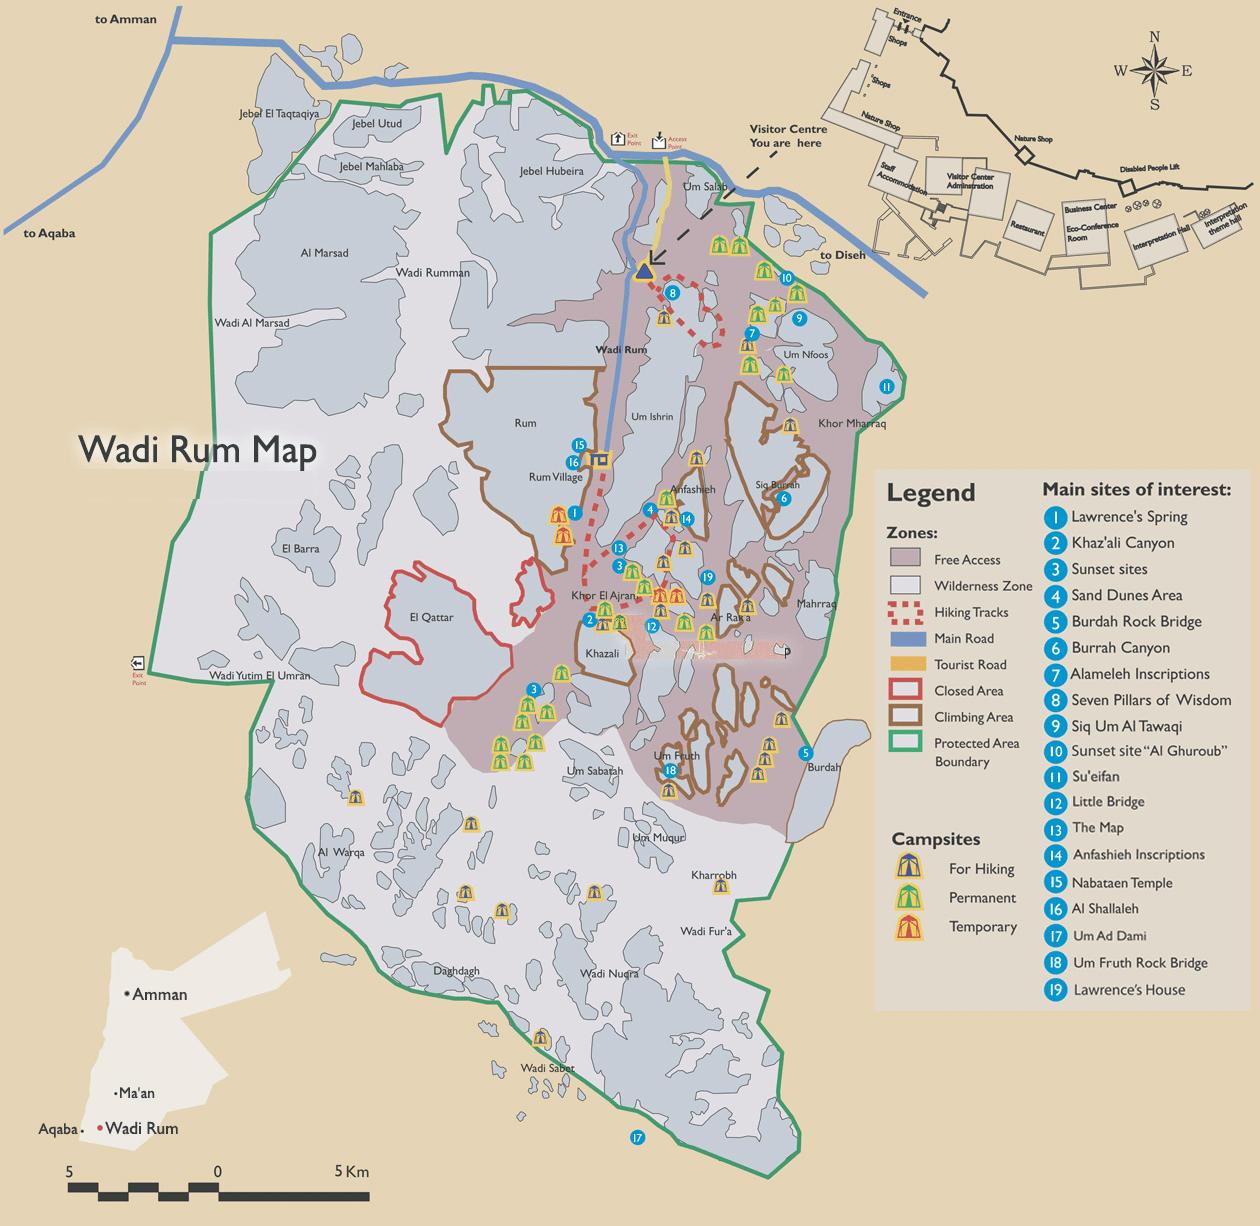 Wadi Rum Gezilecek Yerler Haritası